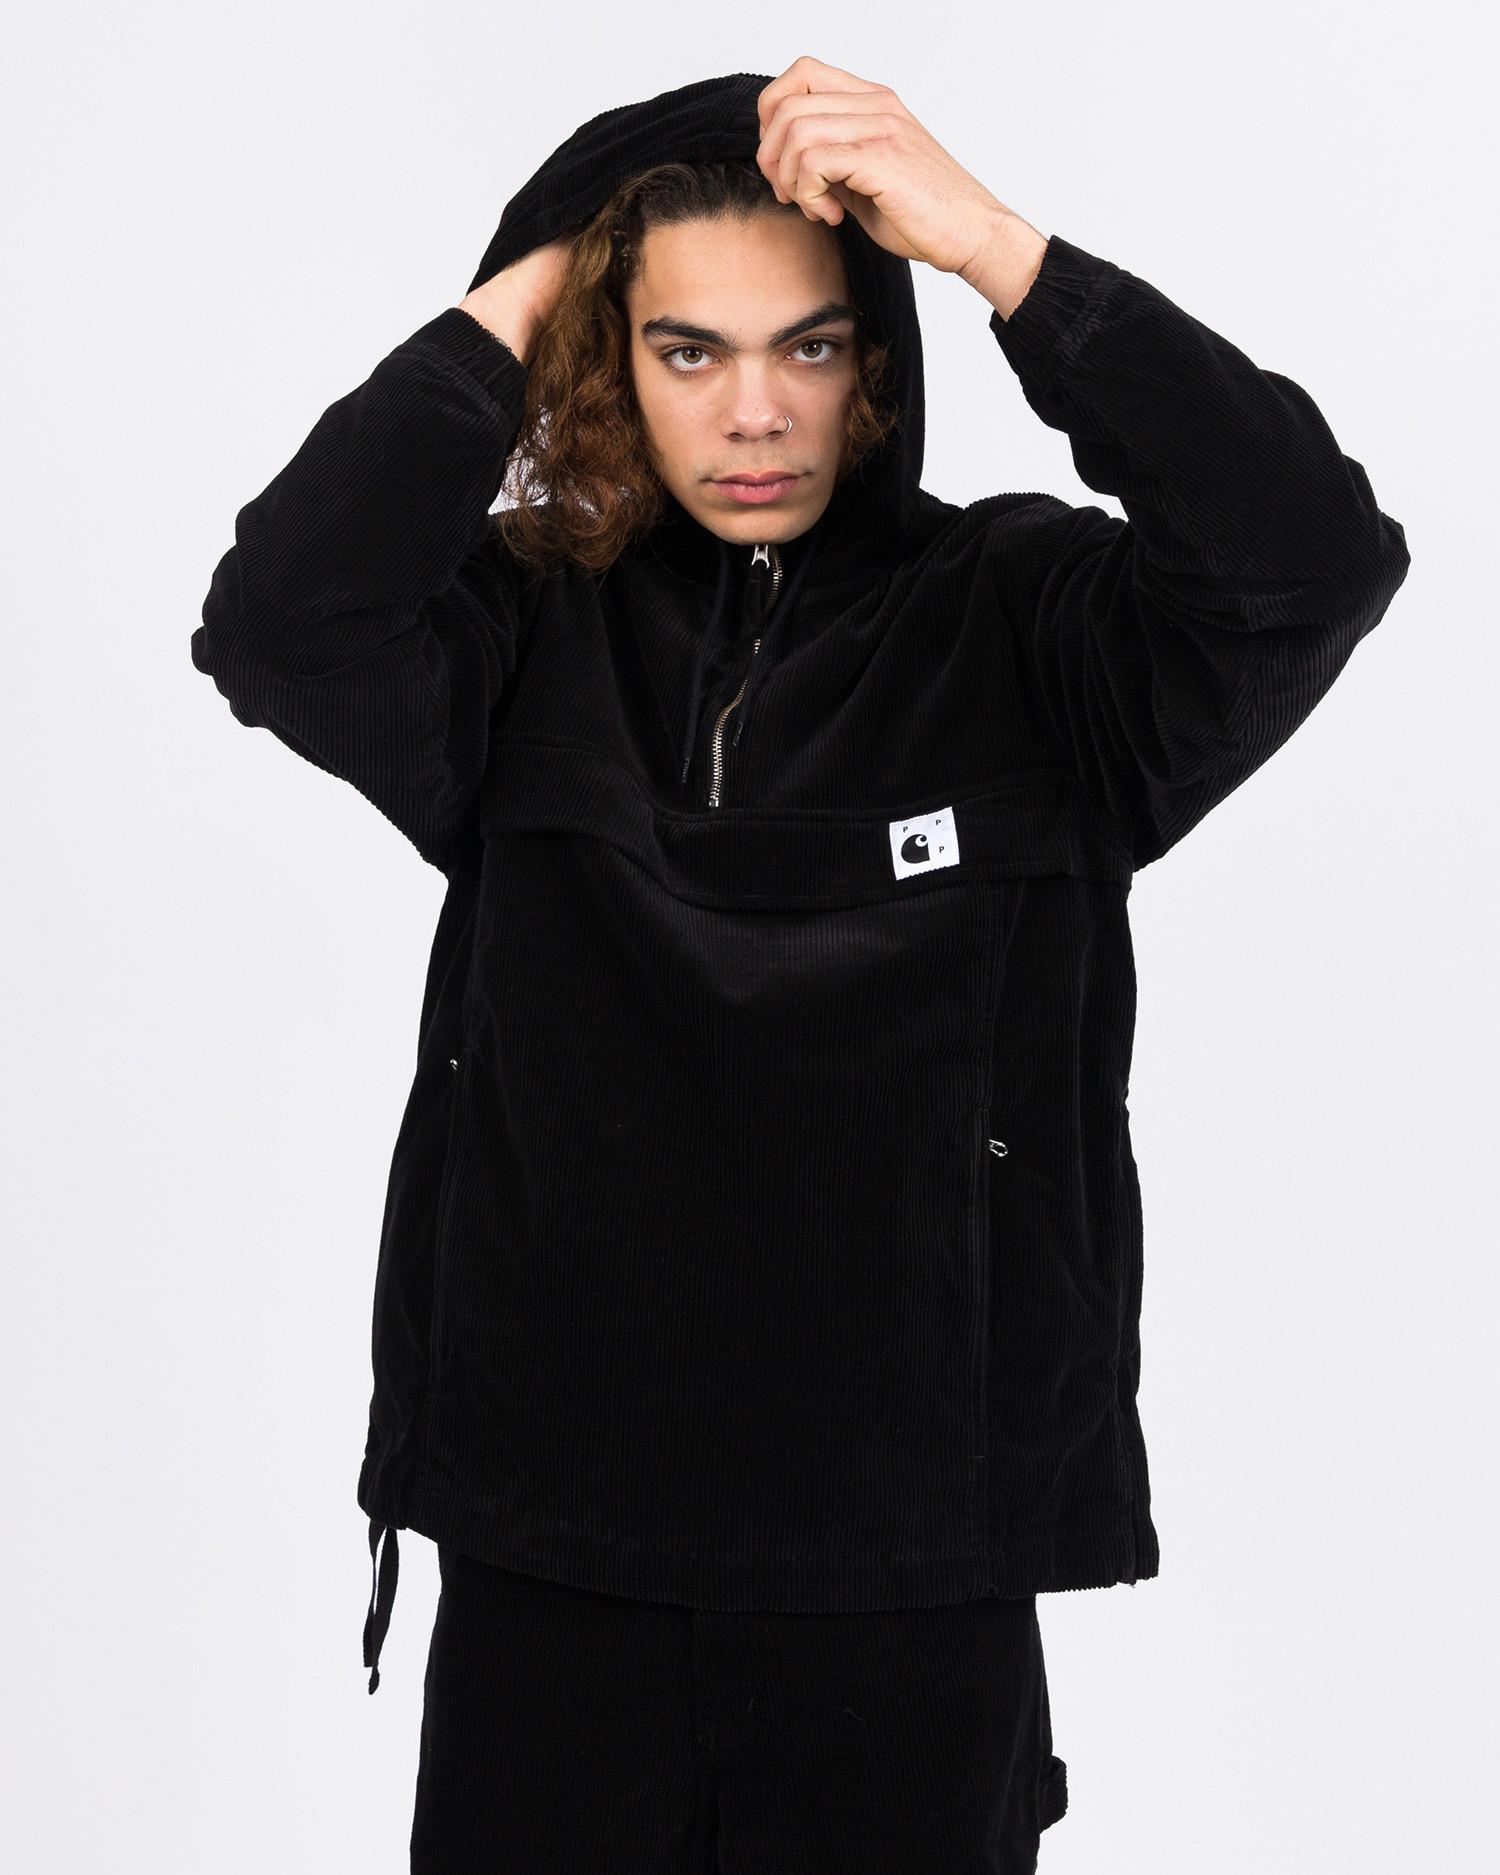 Carhartt x Pop Trading Co Nimbus Pullover Black